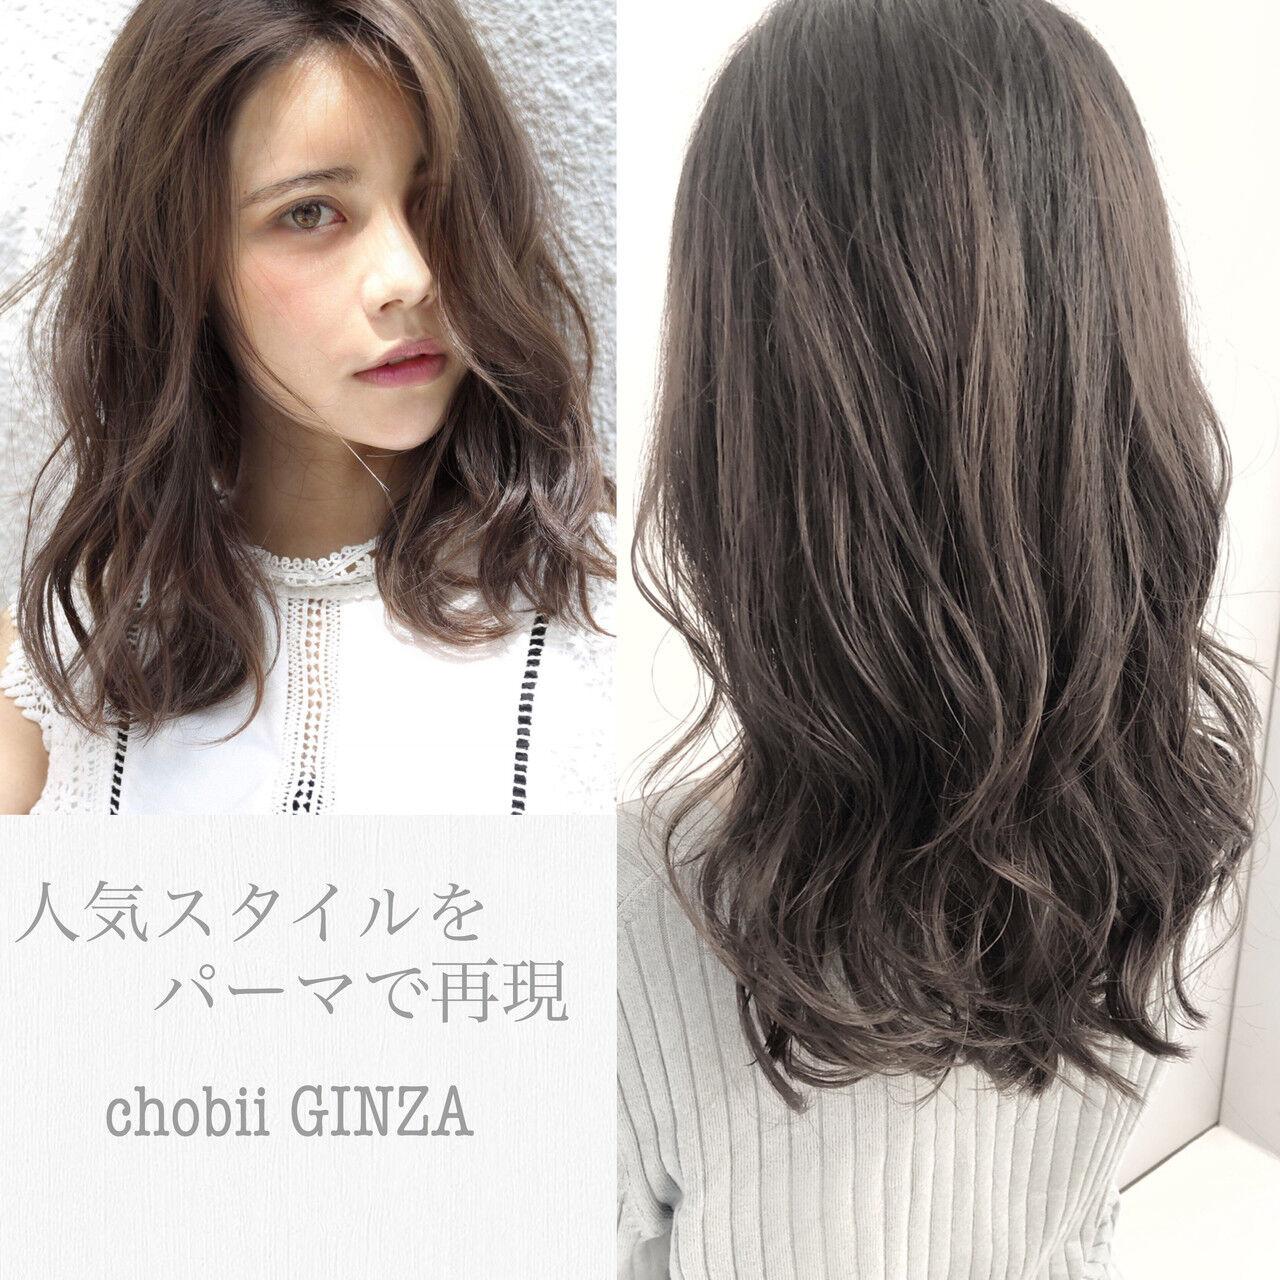 ゆるふわパーマ デジタルパーマ セミロング グレージュヘアスタイルや髪型の写真・画像